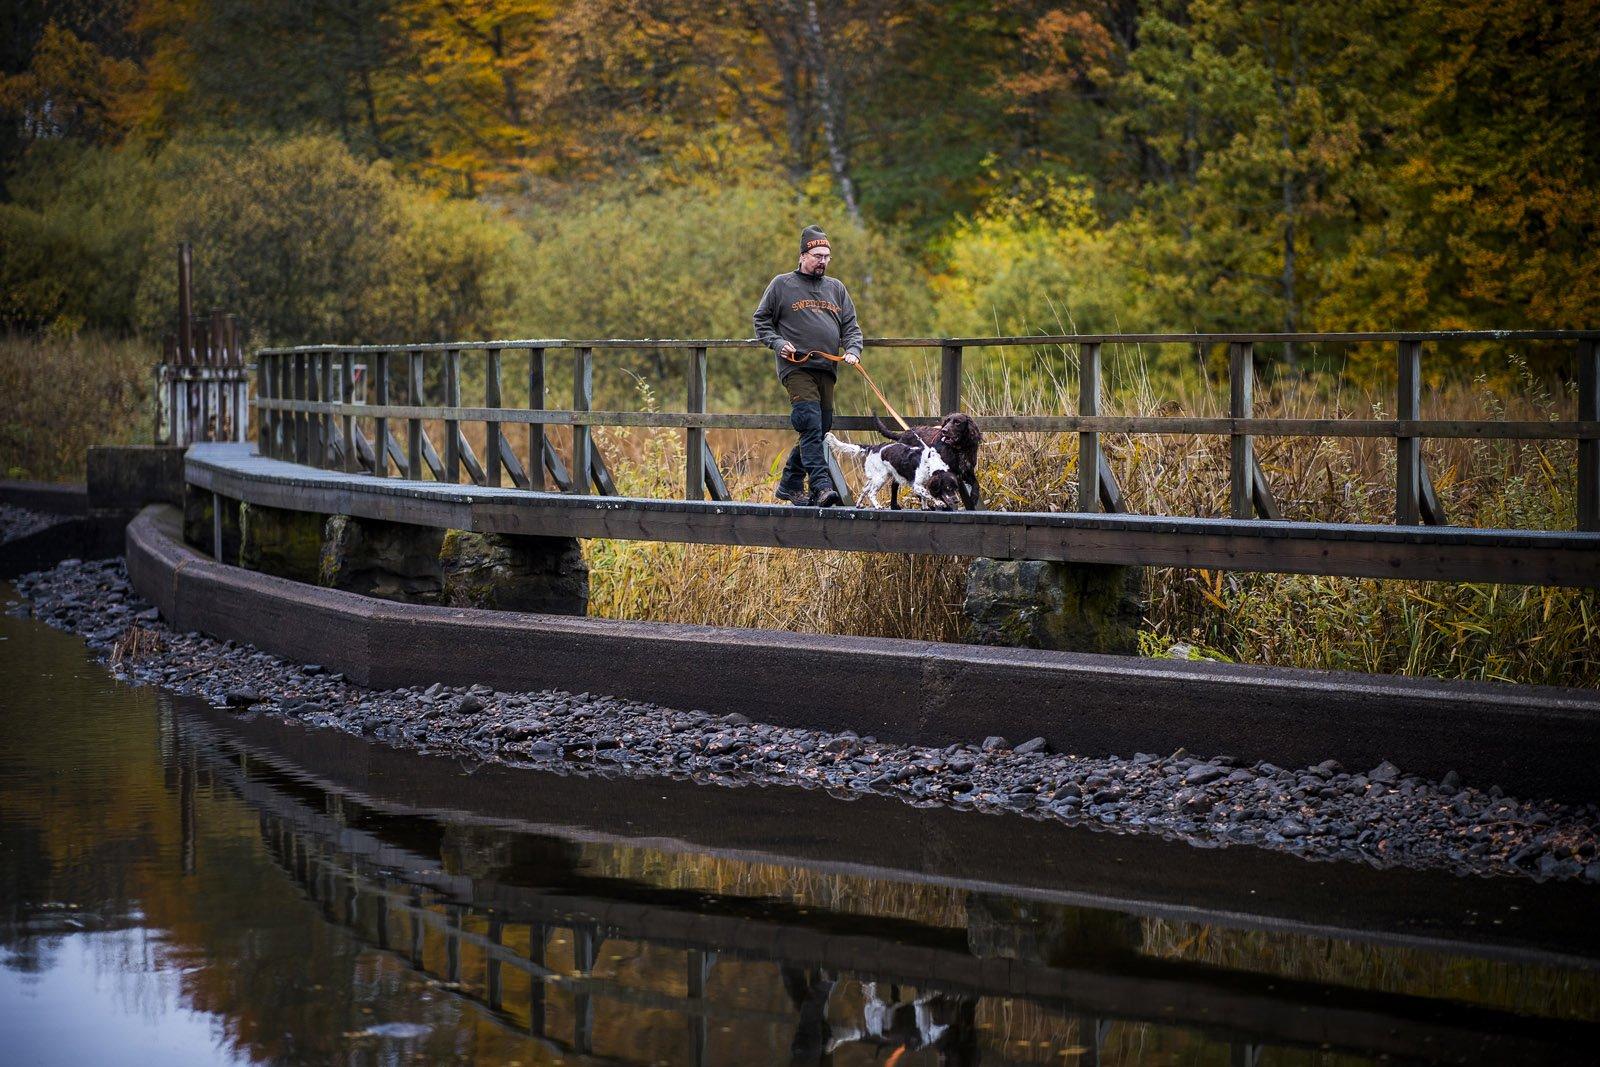 Det blir många timmar både i skogen och på vägarna för Roger och hans hundar. Här på bilden är Trolle och Birka.